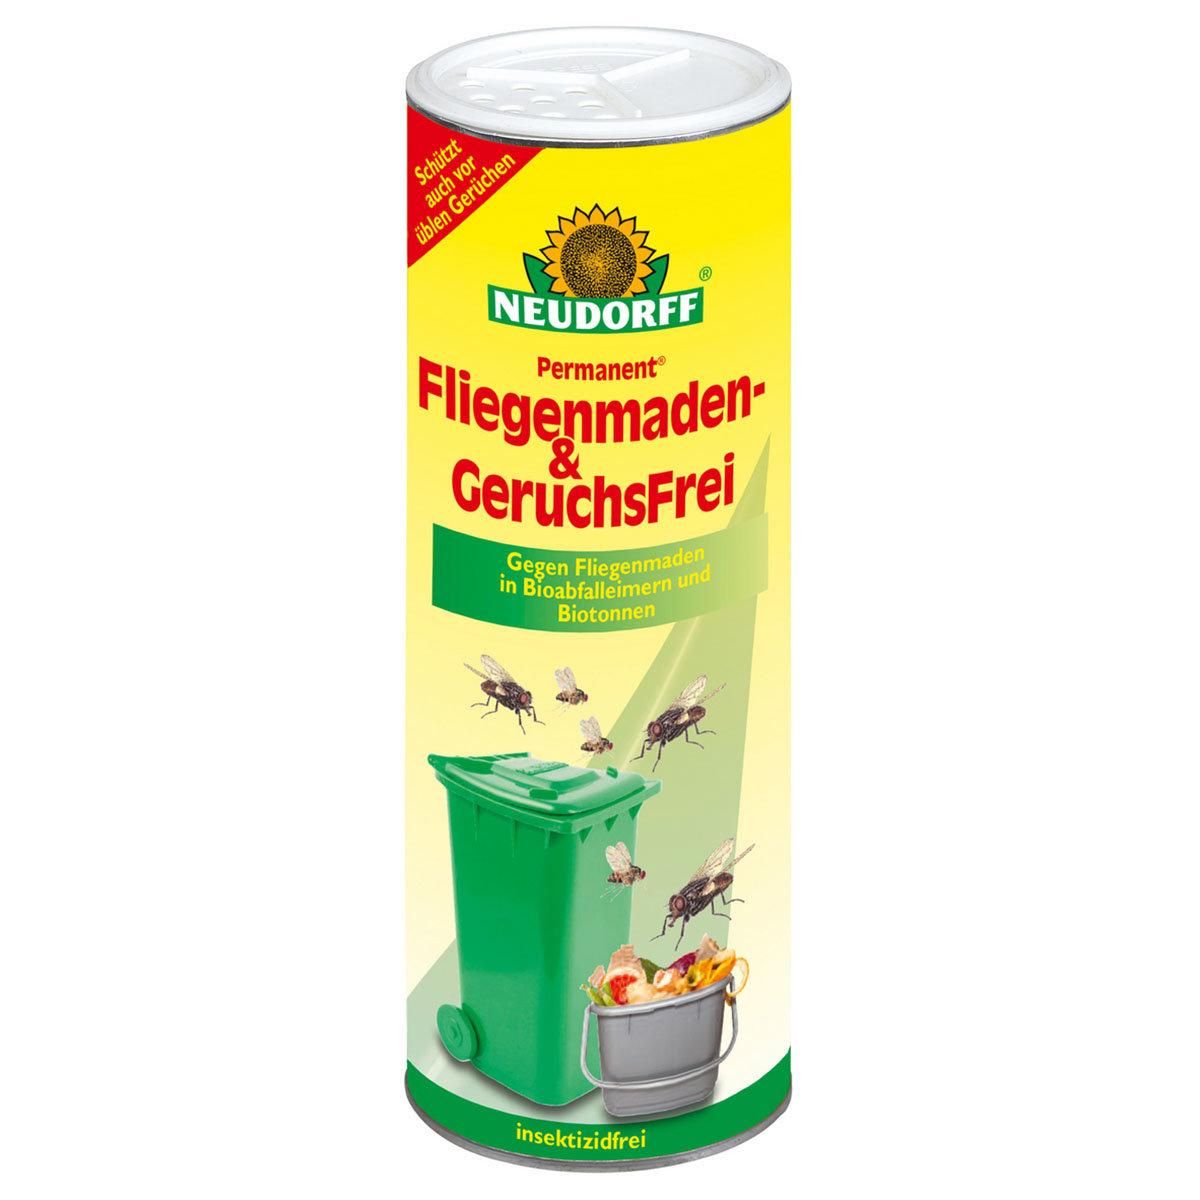 Permanent® Fliegenmaden-& GeruchsFrei, 500 g